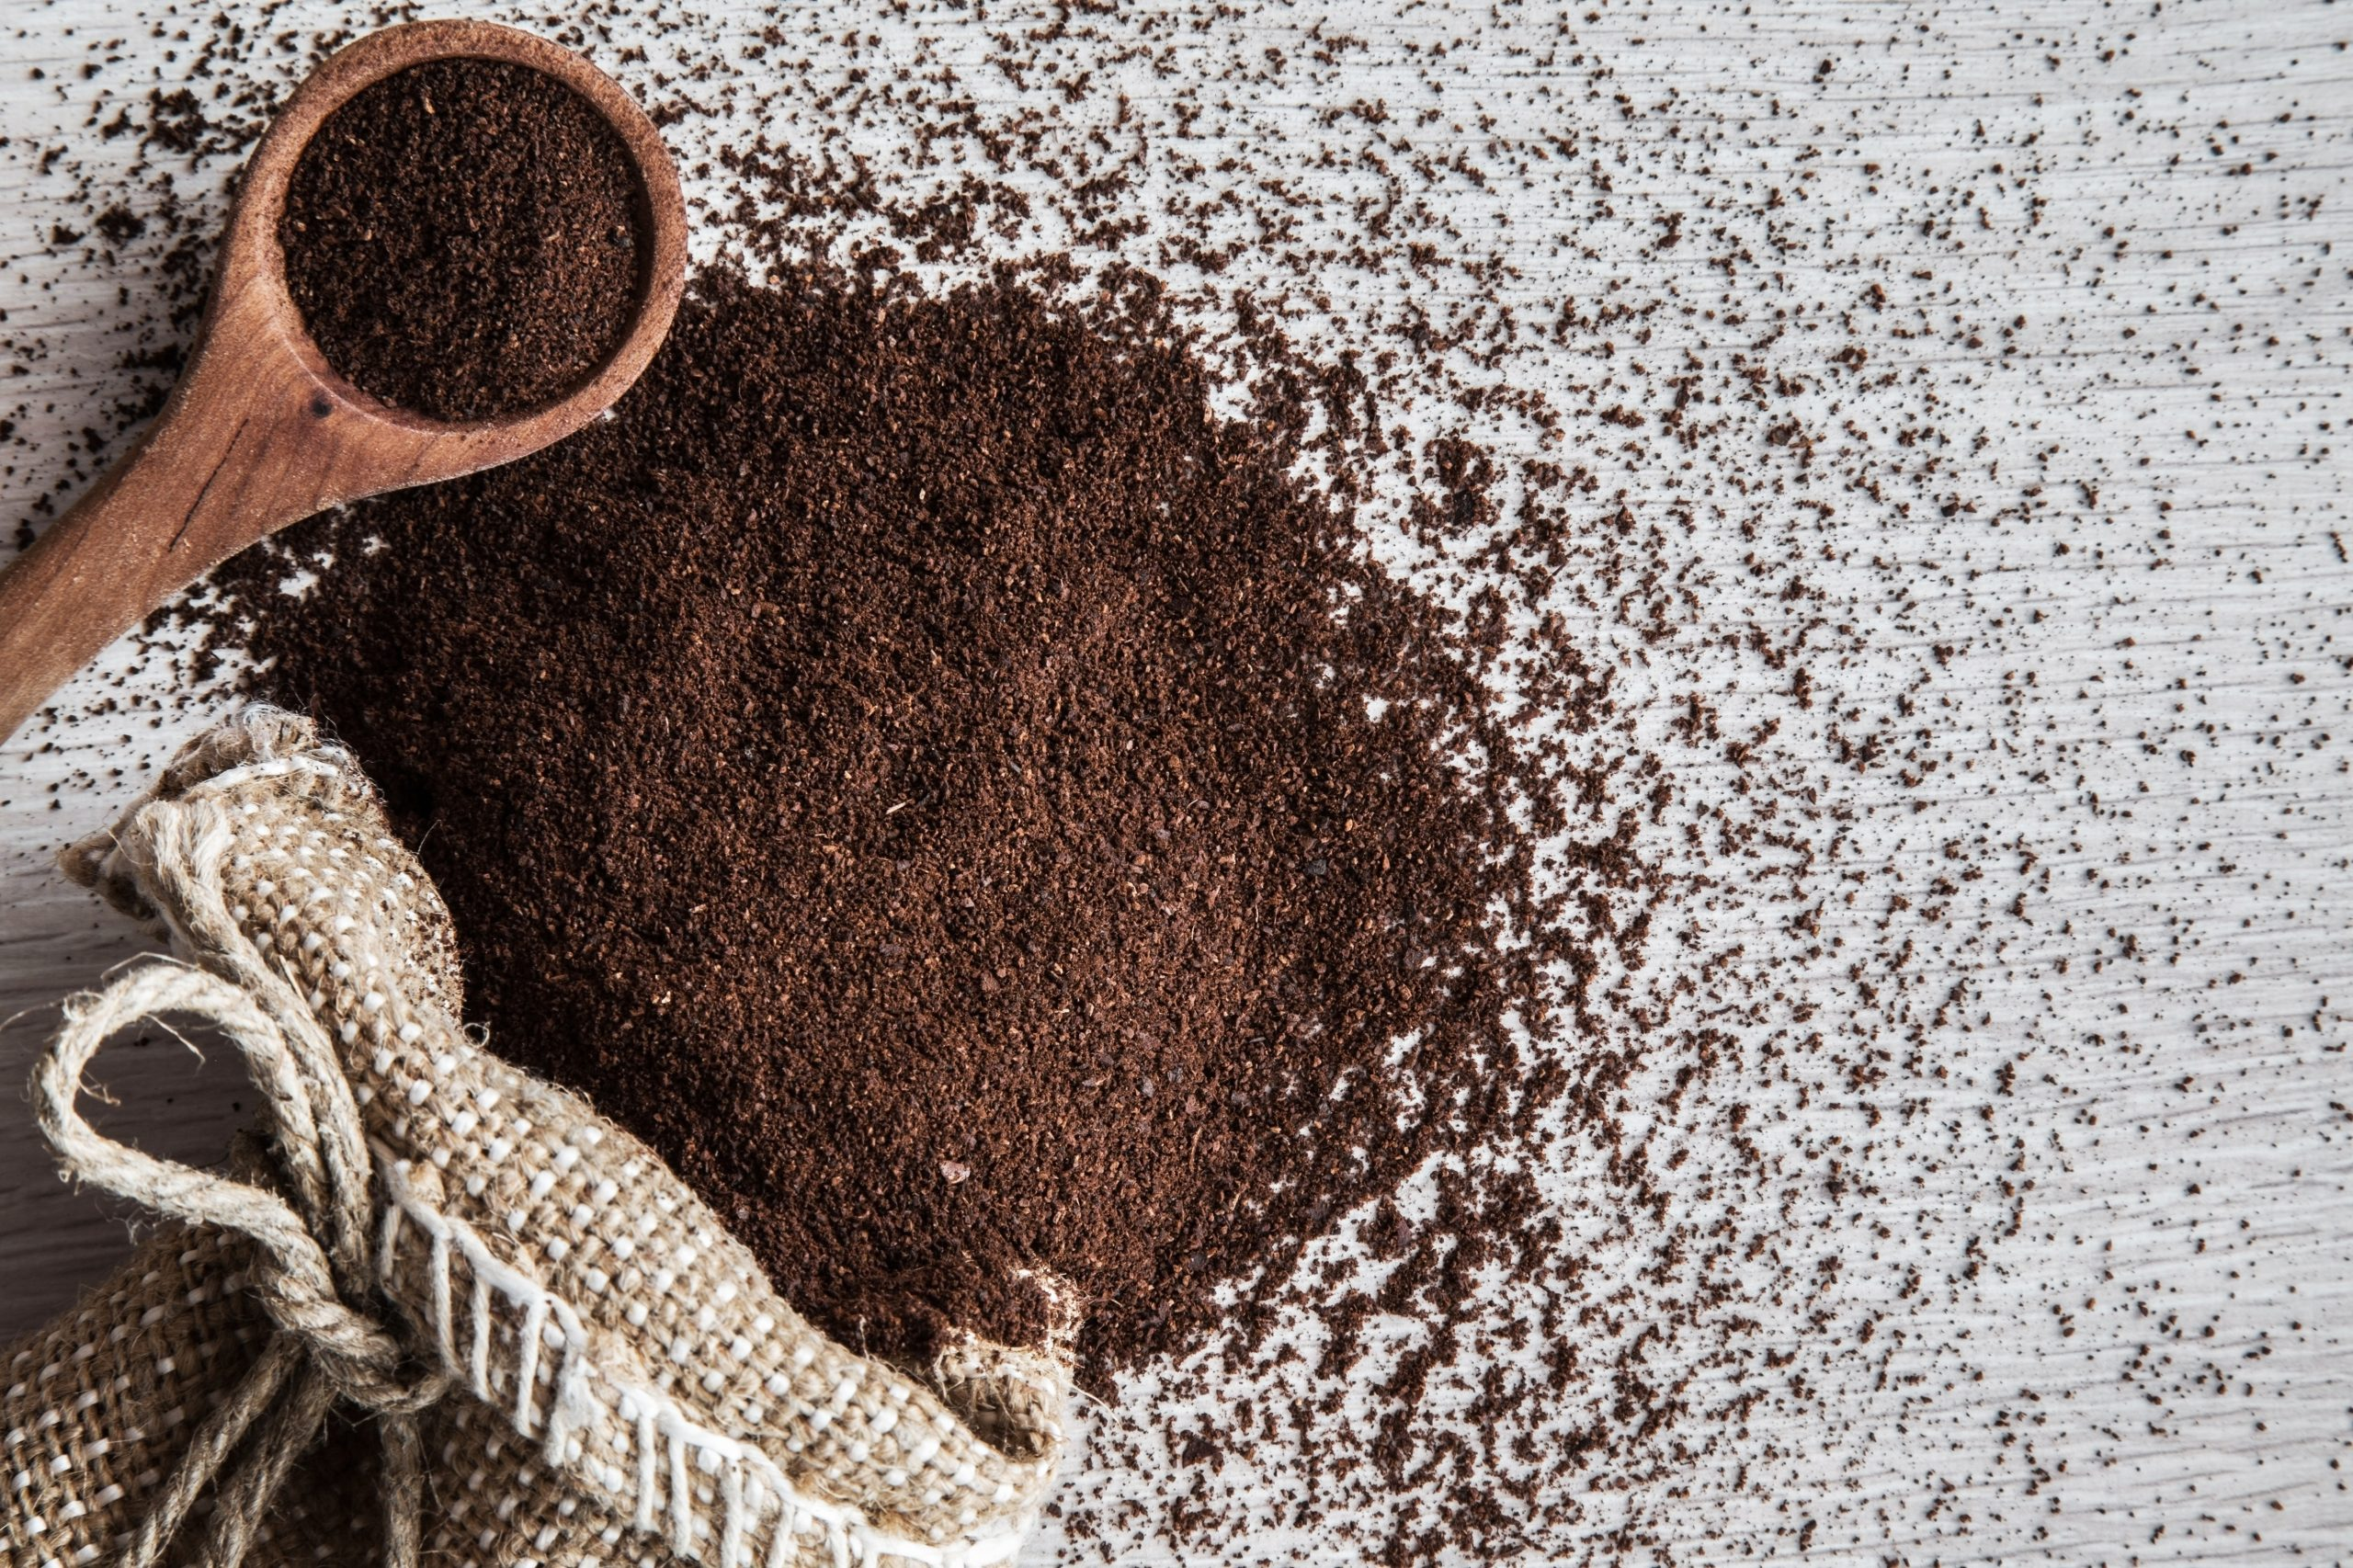 تقشير البشرة بالقهوة وزيت الزيتون